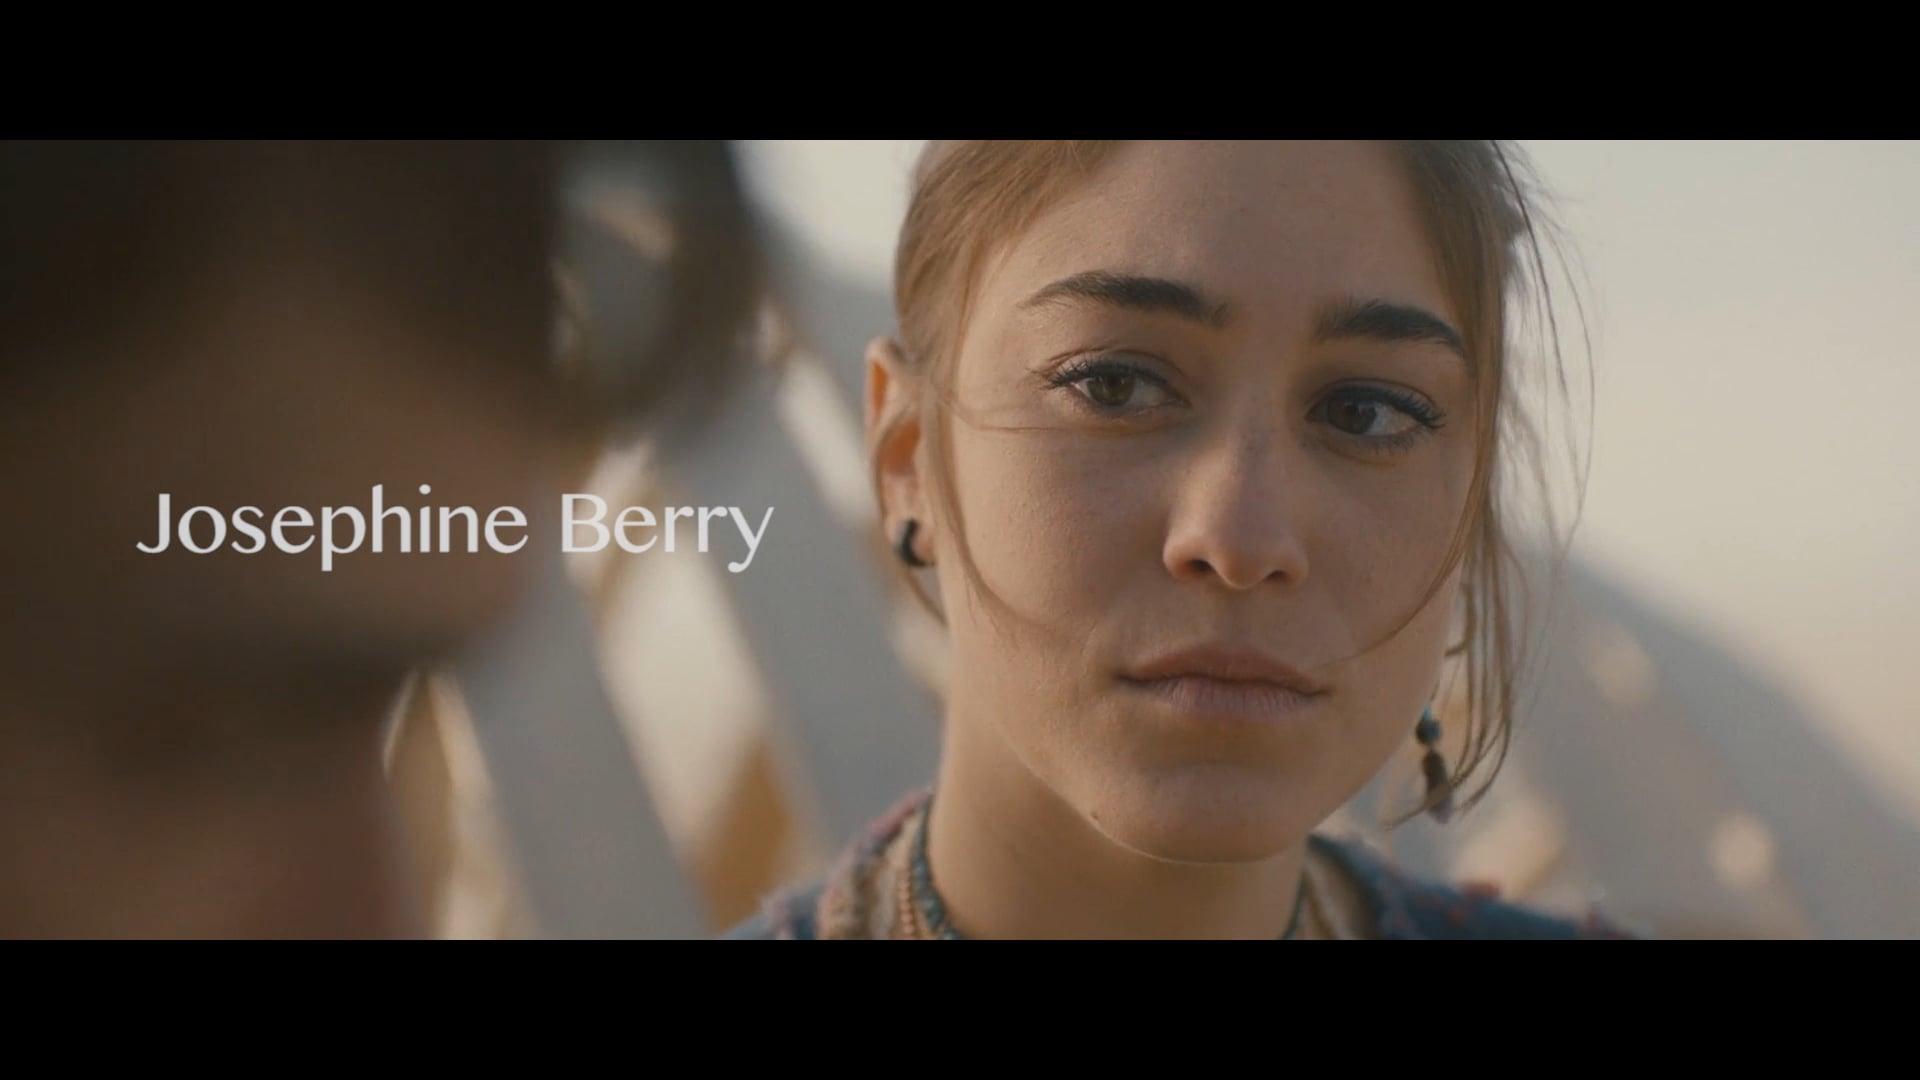 Josephine Berry